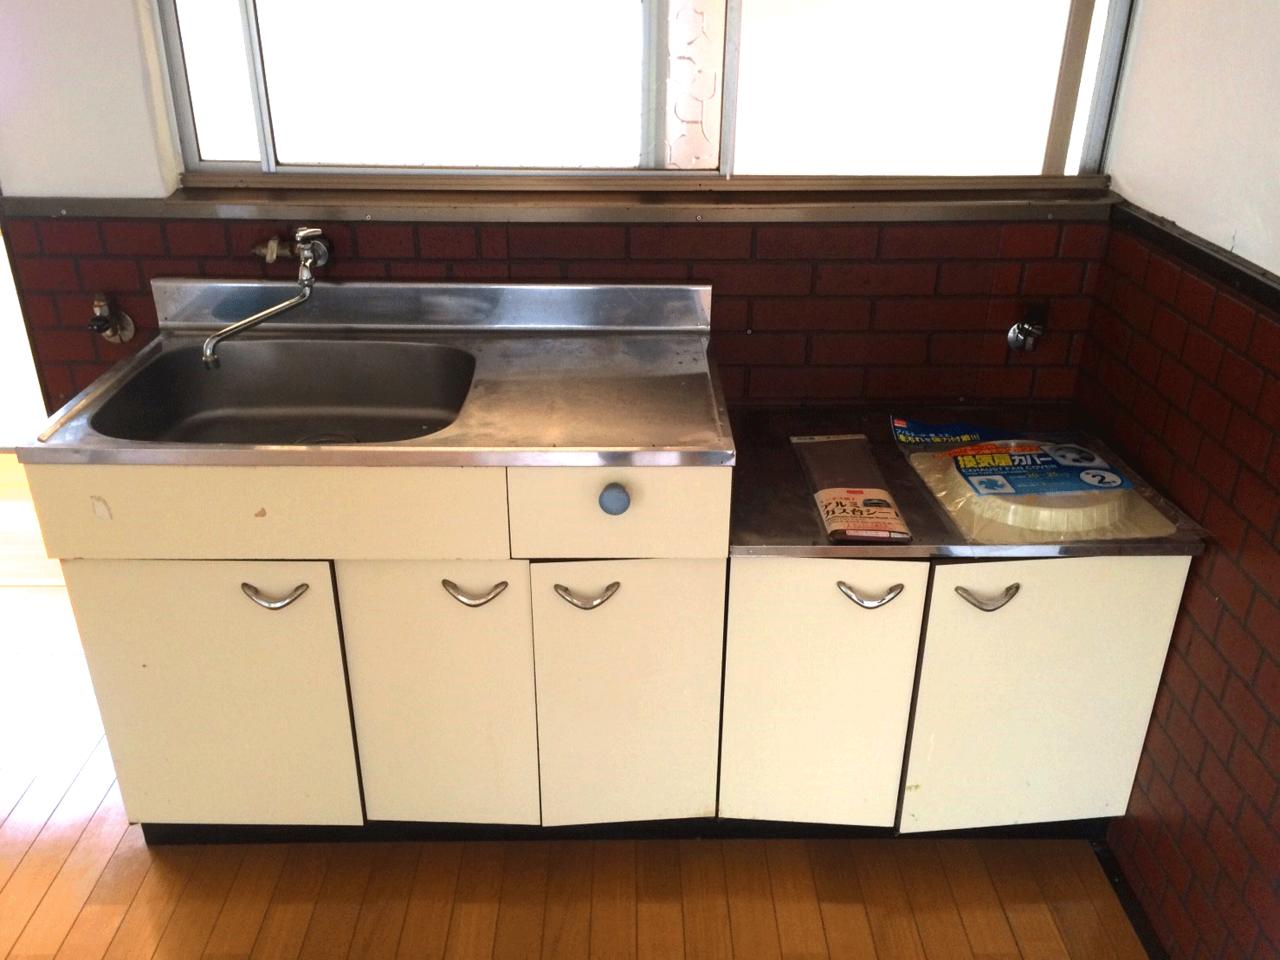 キッチンは少し古いので、リフォームをおススメ致します♪◆小倉南区北方駐車スペース4台分の戸建て住宅♪